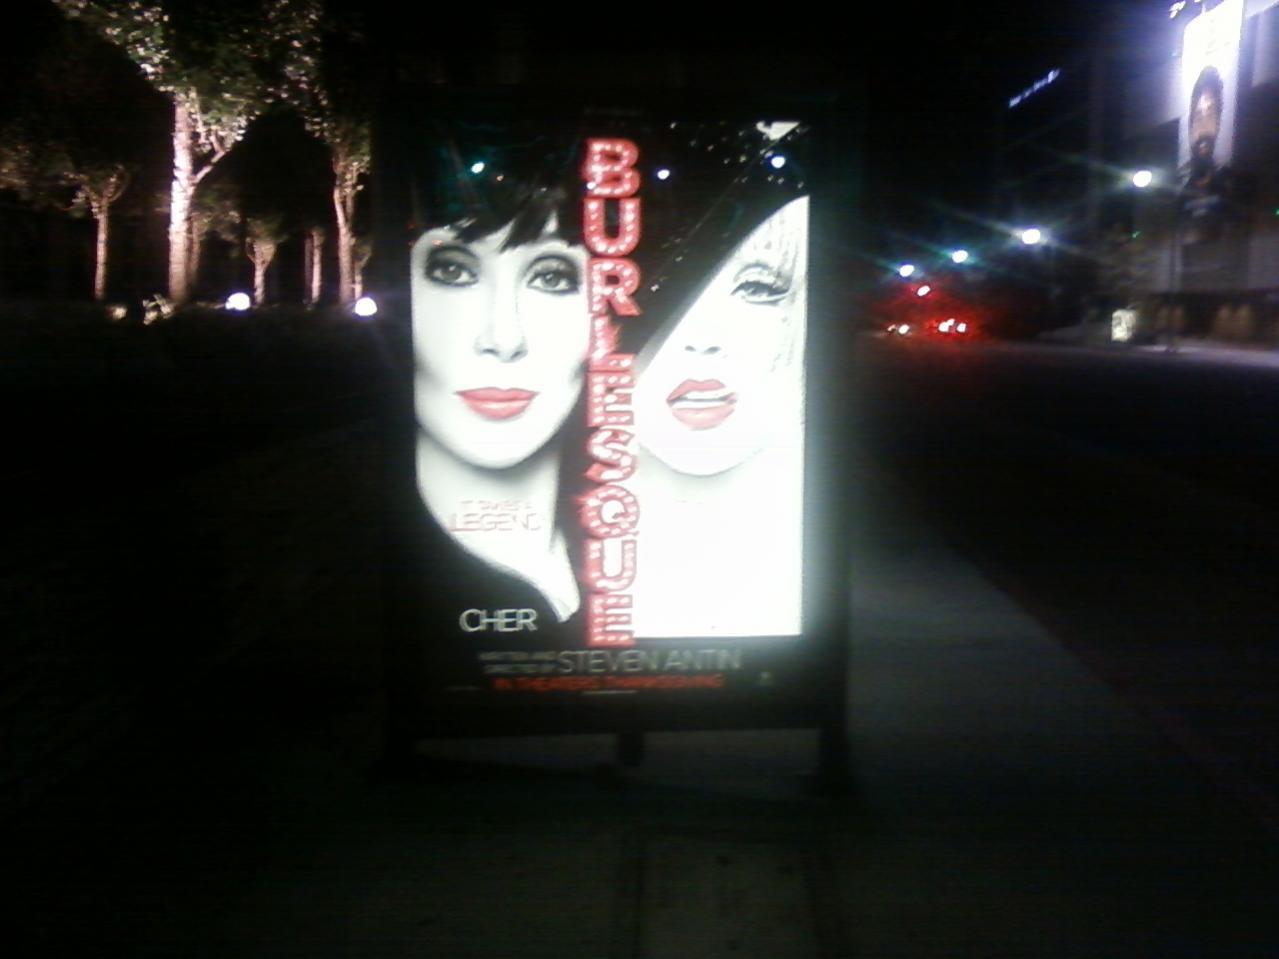 [Fotos] Comienza la Promo 'Burlesque' en las Salas de Cine (Reunamos Fotos) - Página 2 Stars1